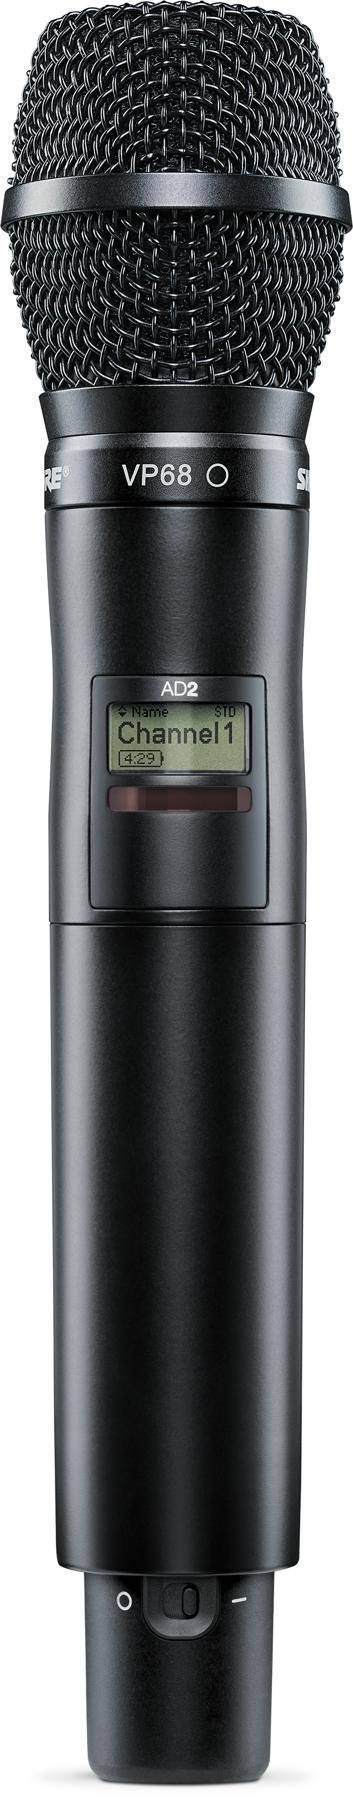 Transmisor de mano Axient Digital, con VP68